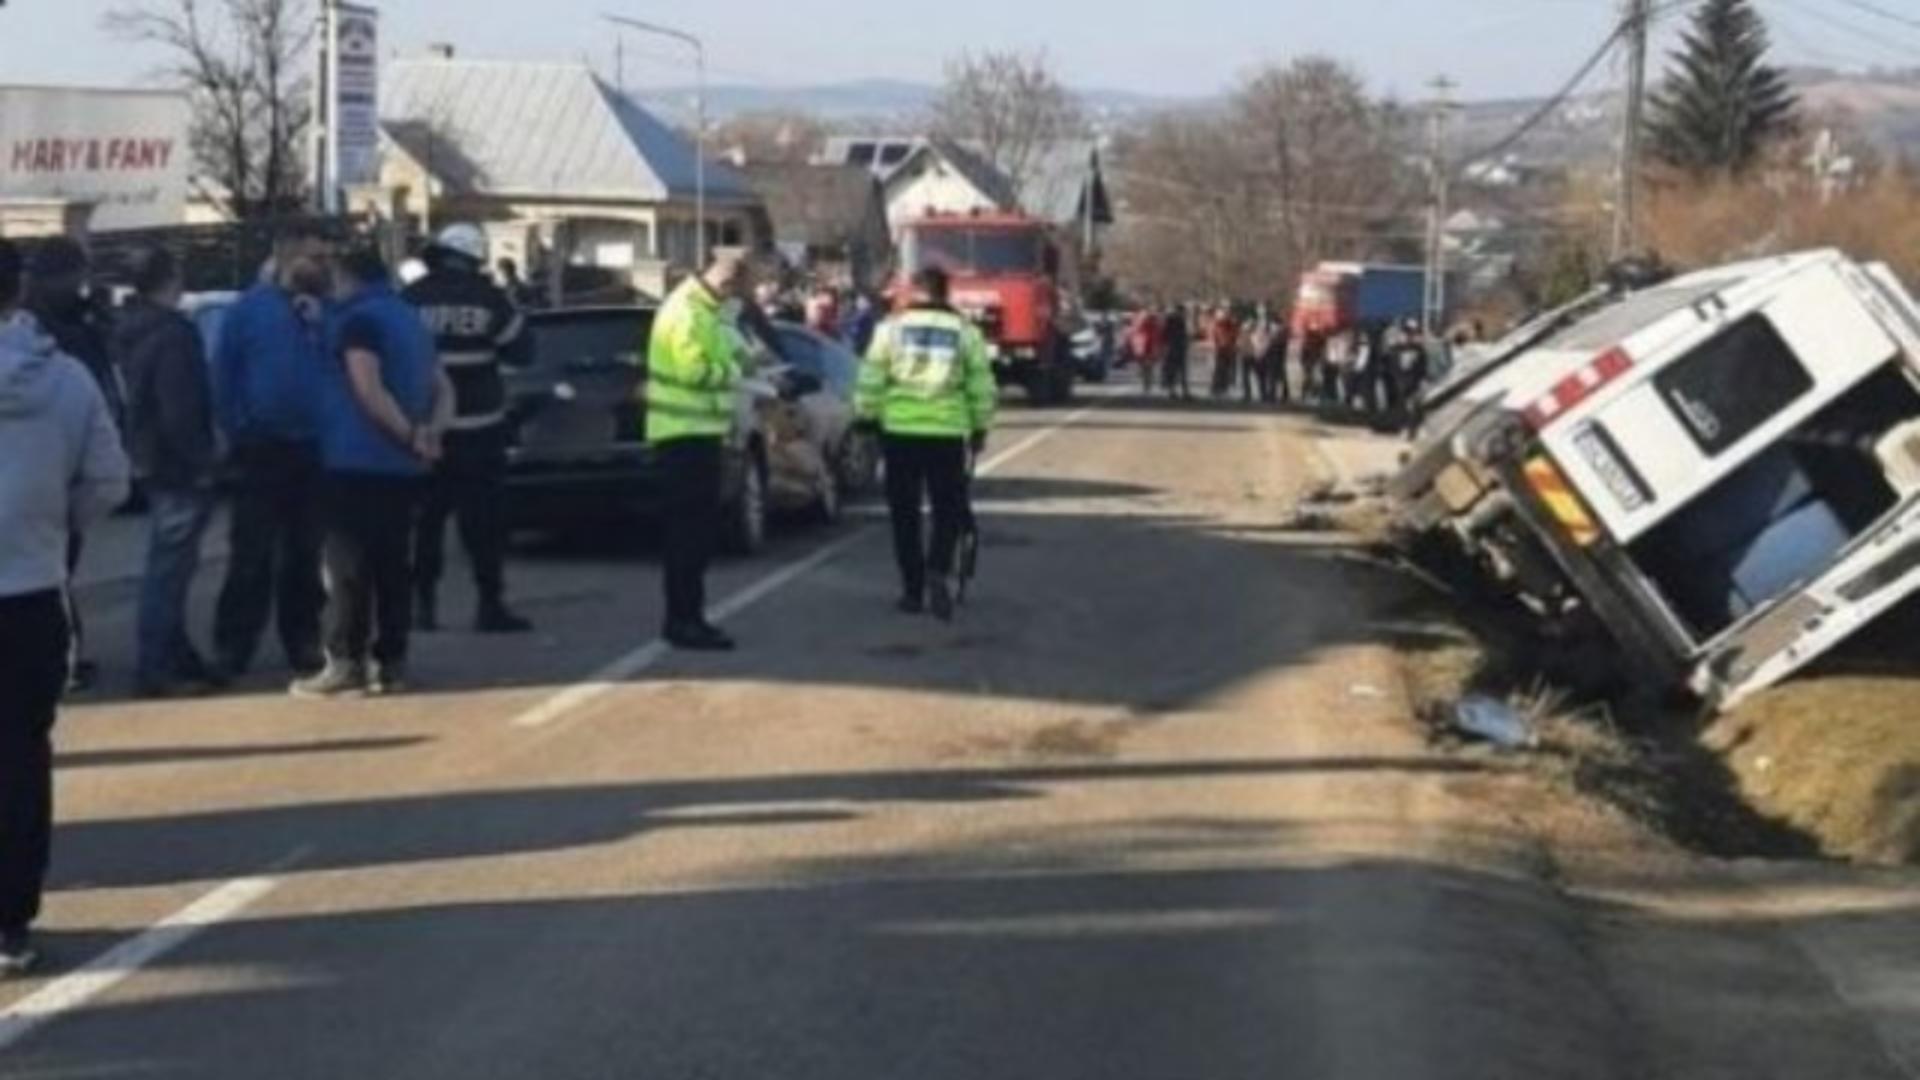 Şoferul a intrat în coliziune laterală stânga spate cu maşina care semnaliza pentru a schimba direcţia de mers